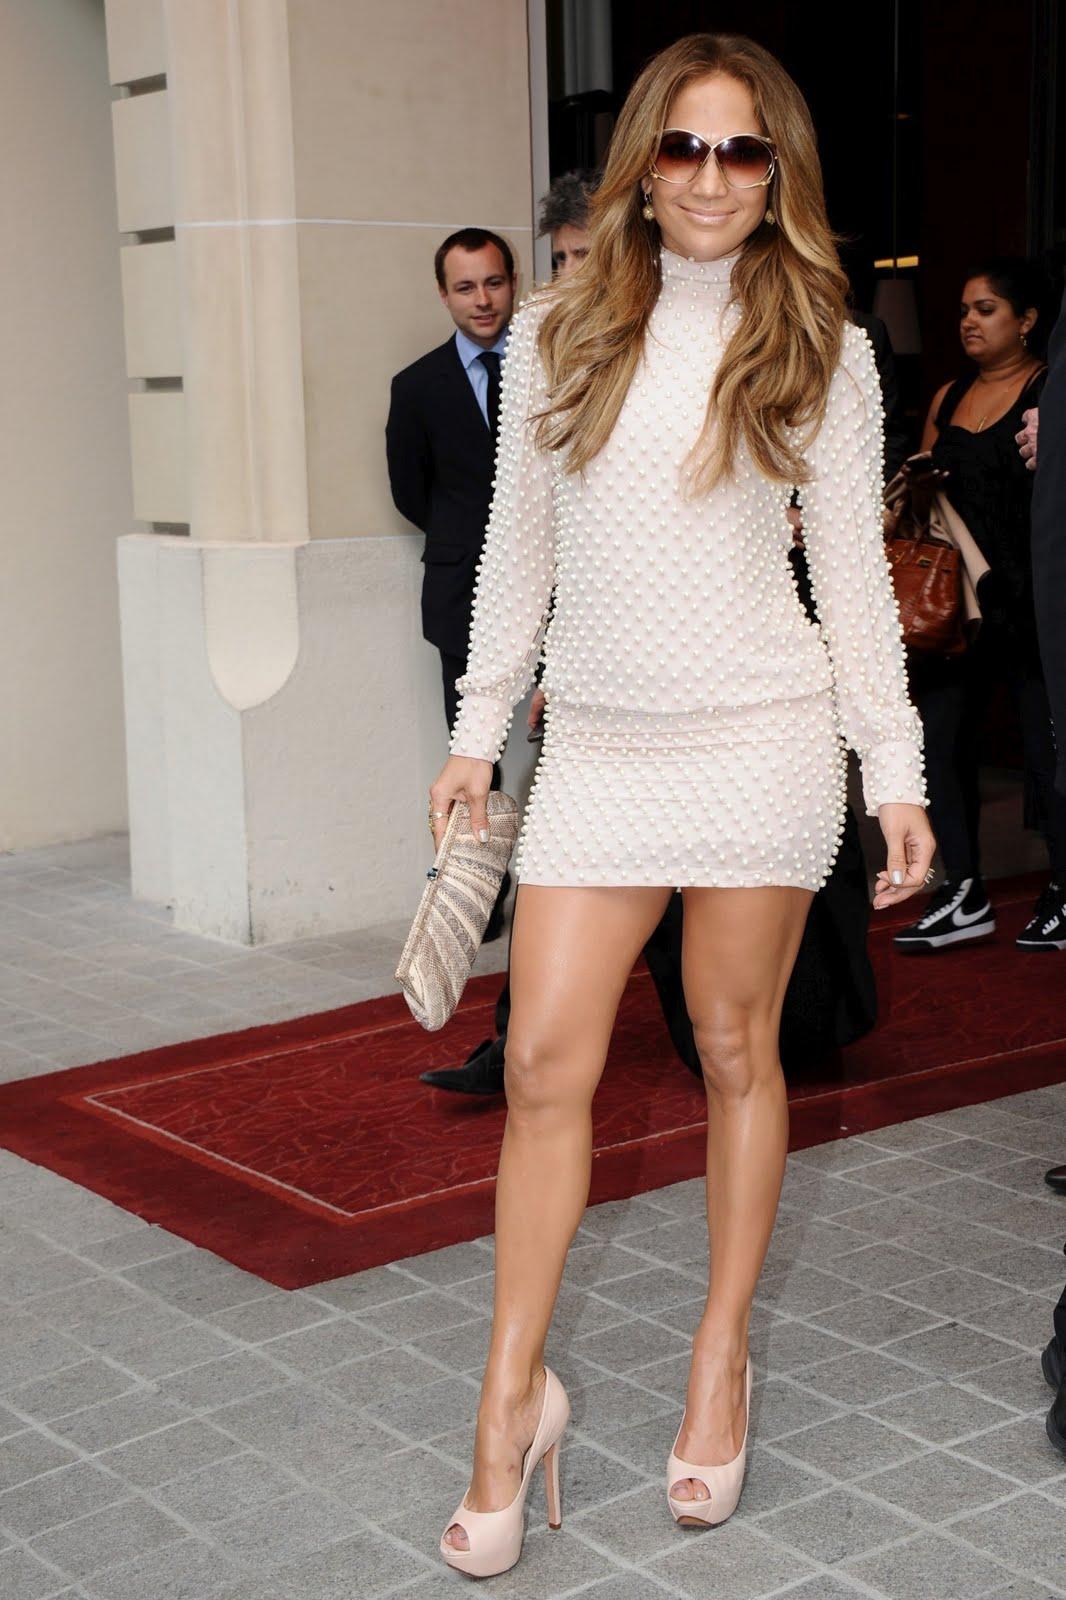 http://3.bp.blogspot.com/-Y6FTba6Z31k/TjjMQYfEPpI/AAAAAAAAC0c/YsywviTXzQM/s1600/Jennifer+Lopez_5.jpg